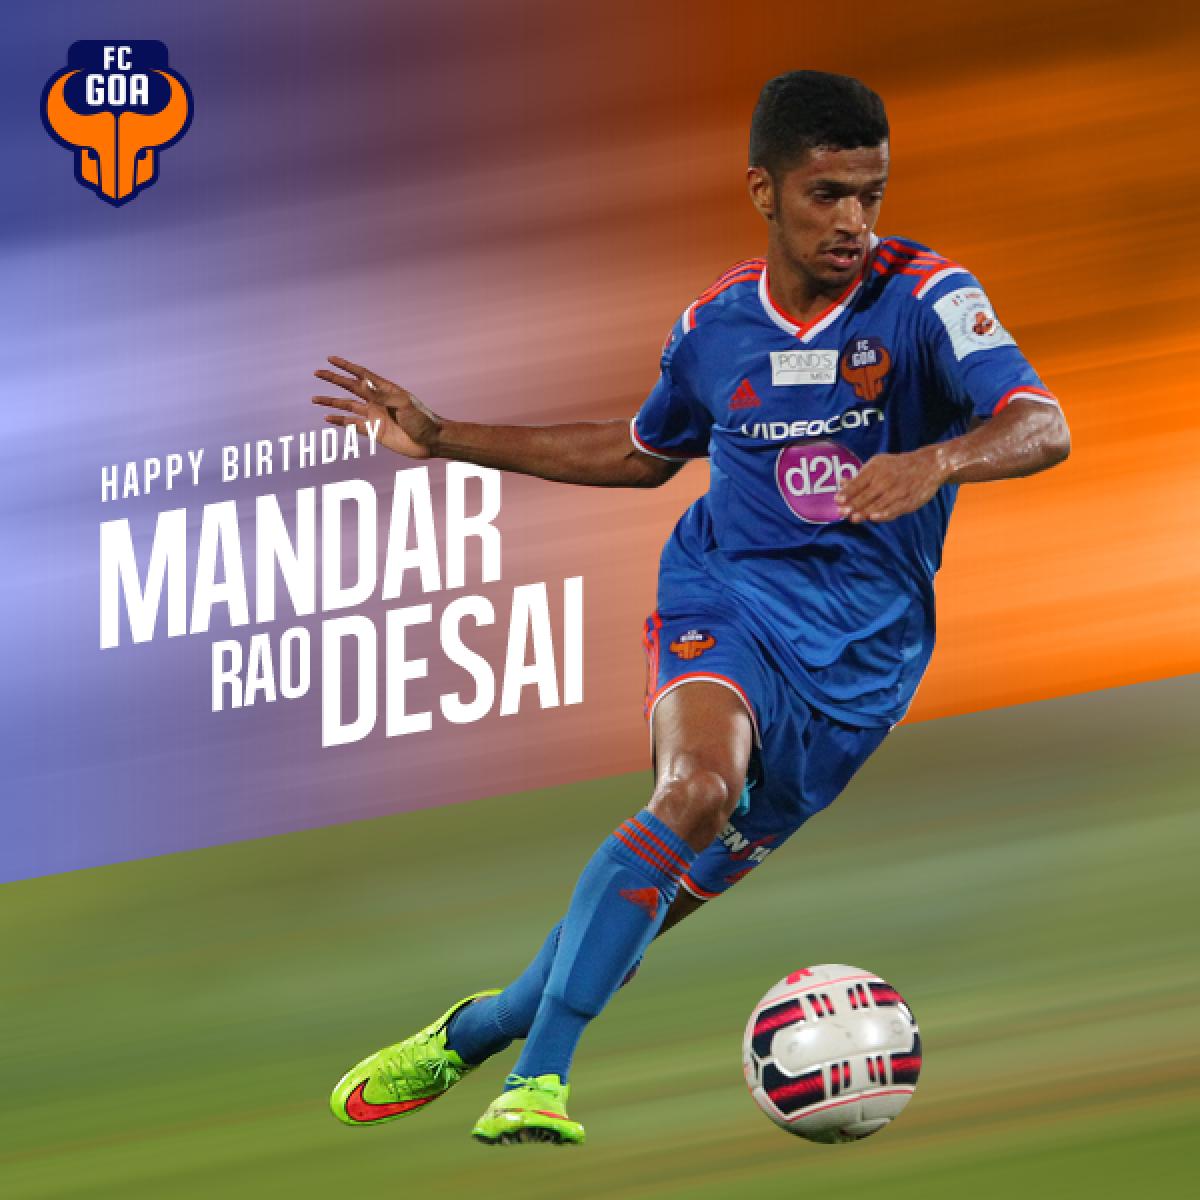 """Mandar Rao Dessai named as FC Goa's """"Gaur of the match"""""""